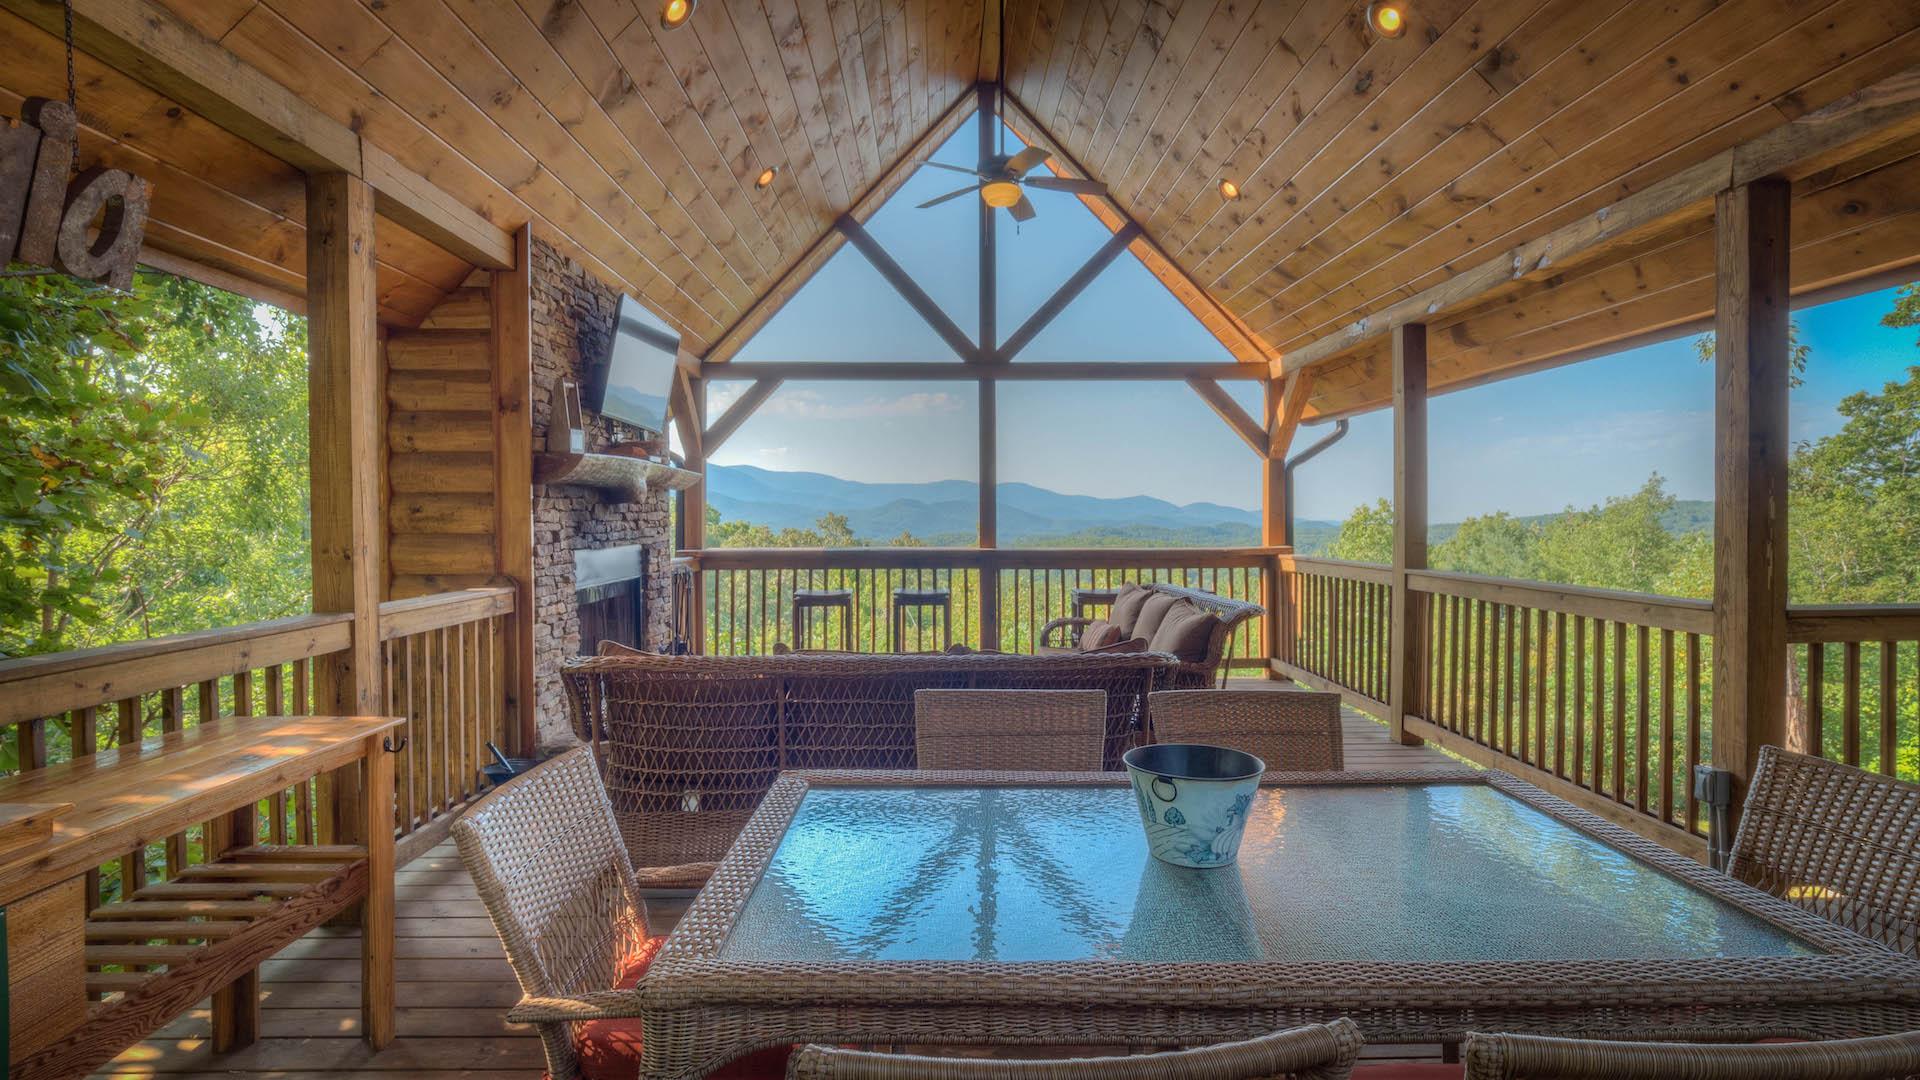 Southern Komfort Rental Cabin - Blue Ridge, GA